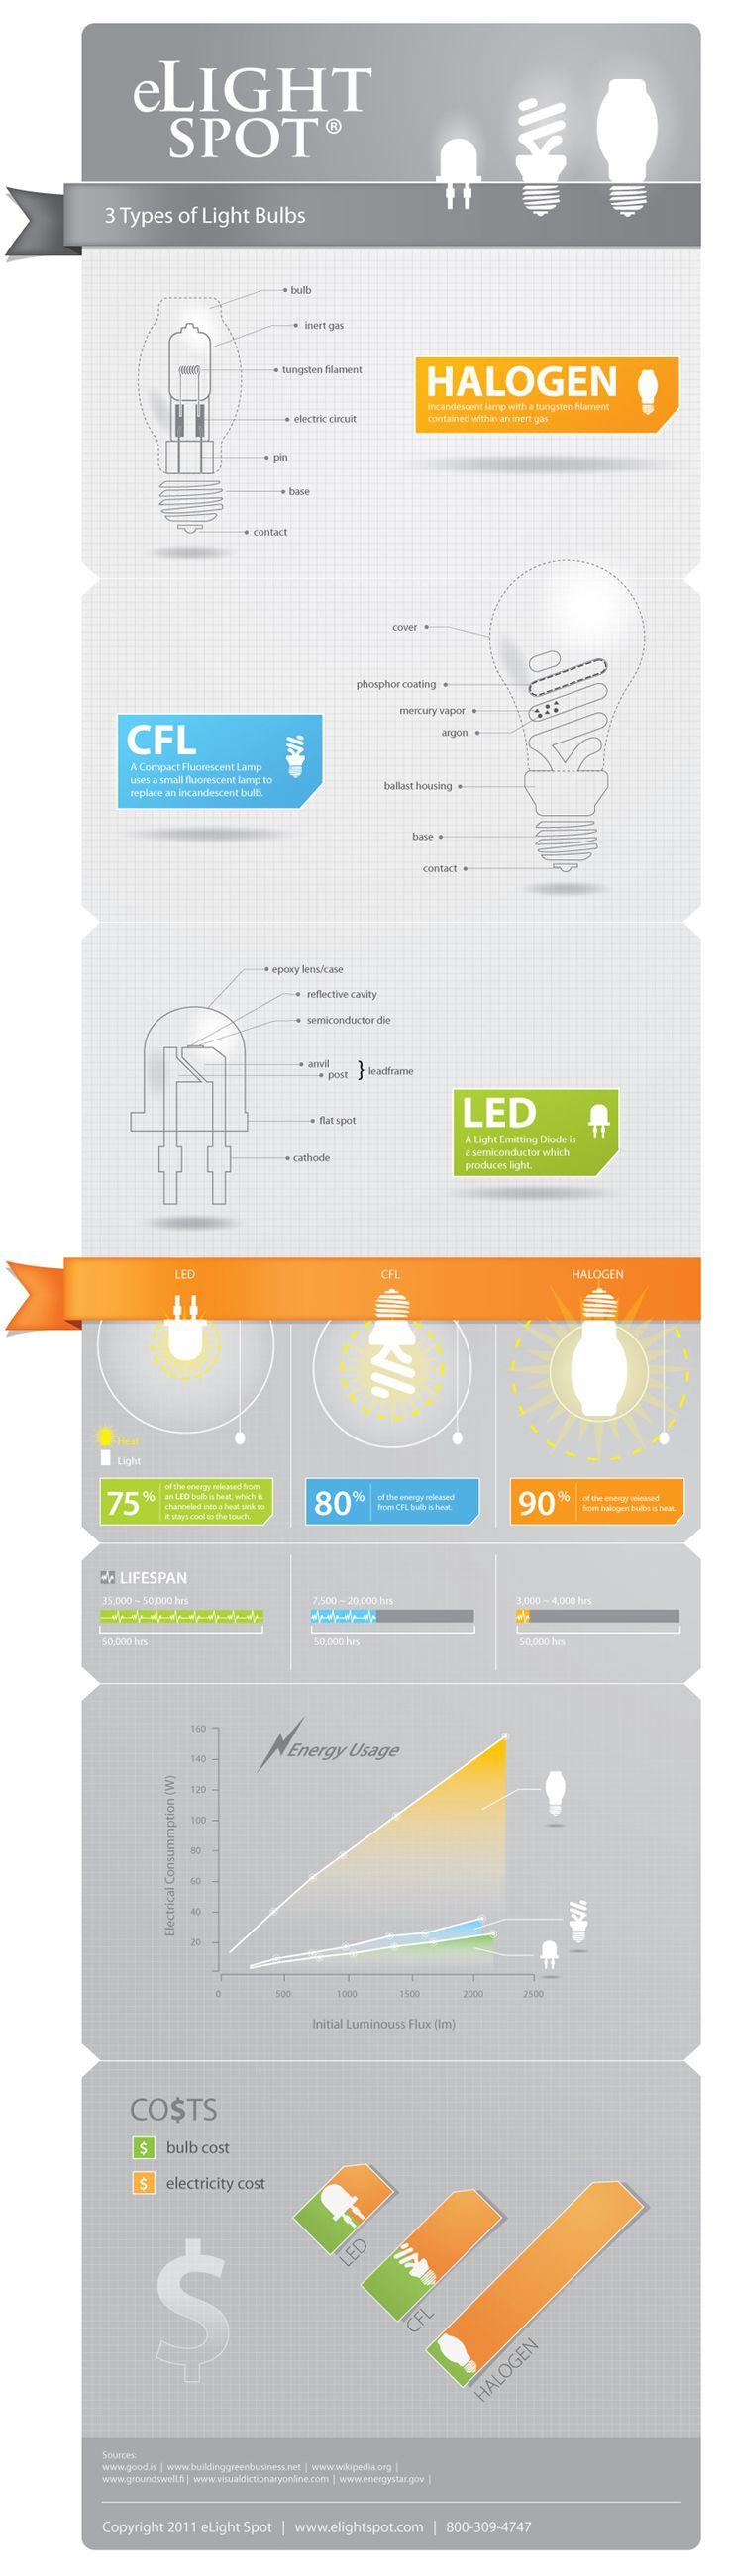 hal genos vs bajo consumo vs led infografia medioambiente lamp design lighting designwall  [ 736 x 2602 Pixel ]